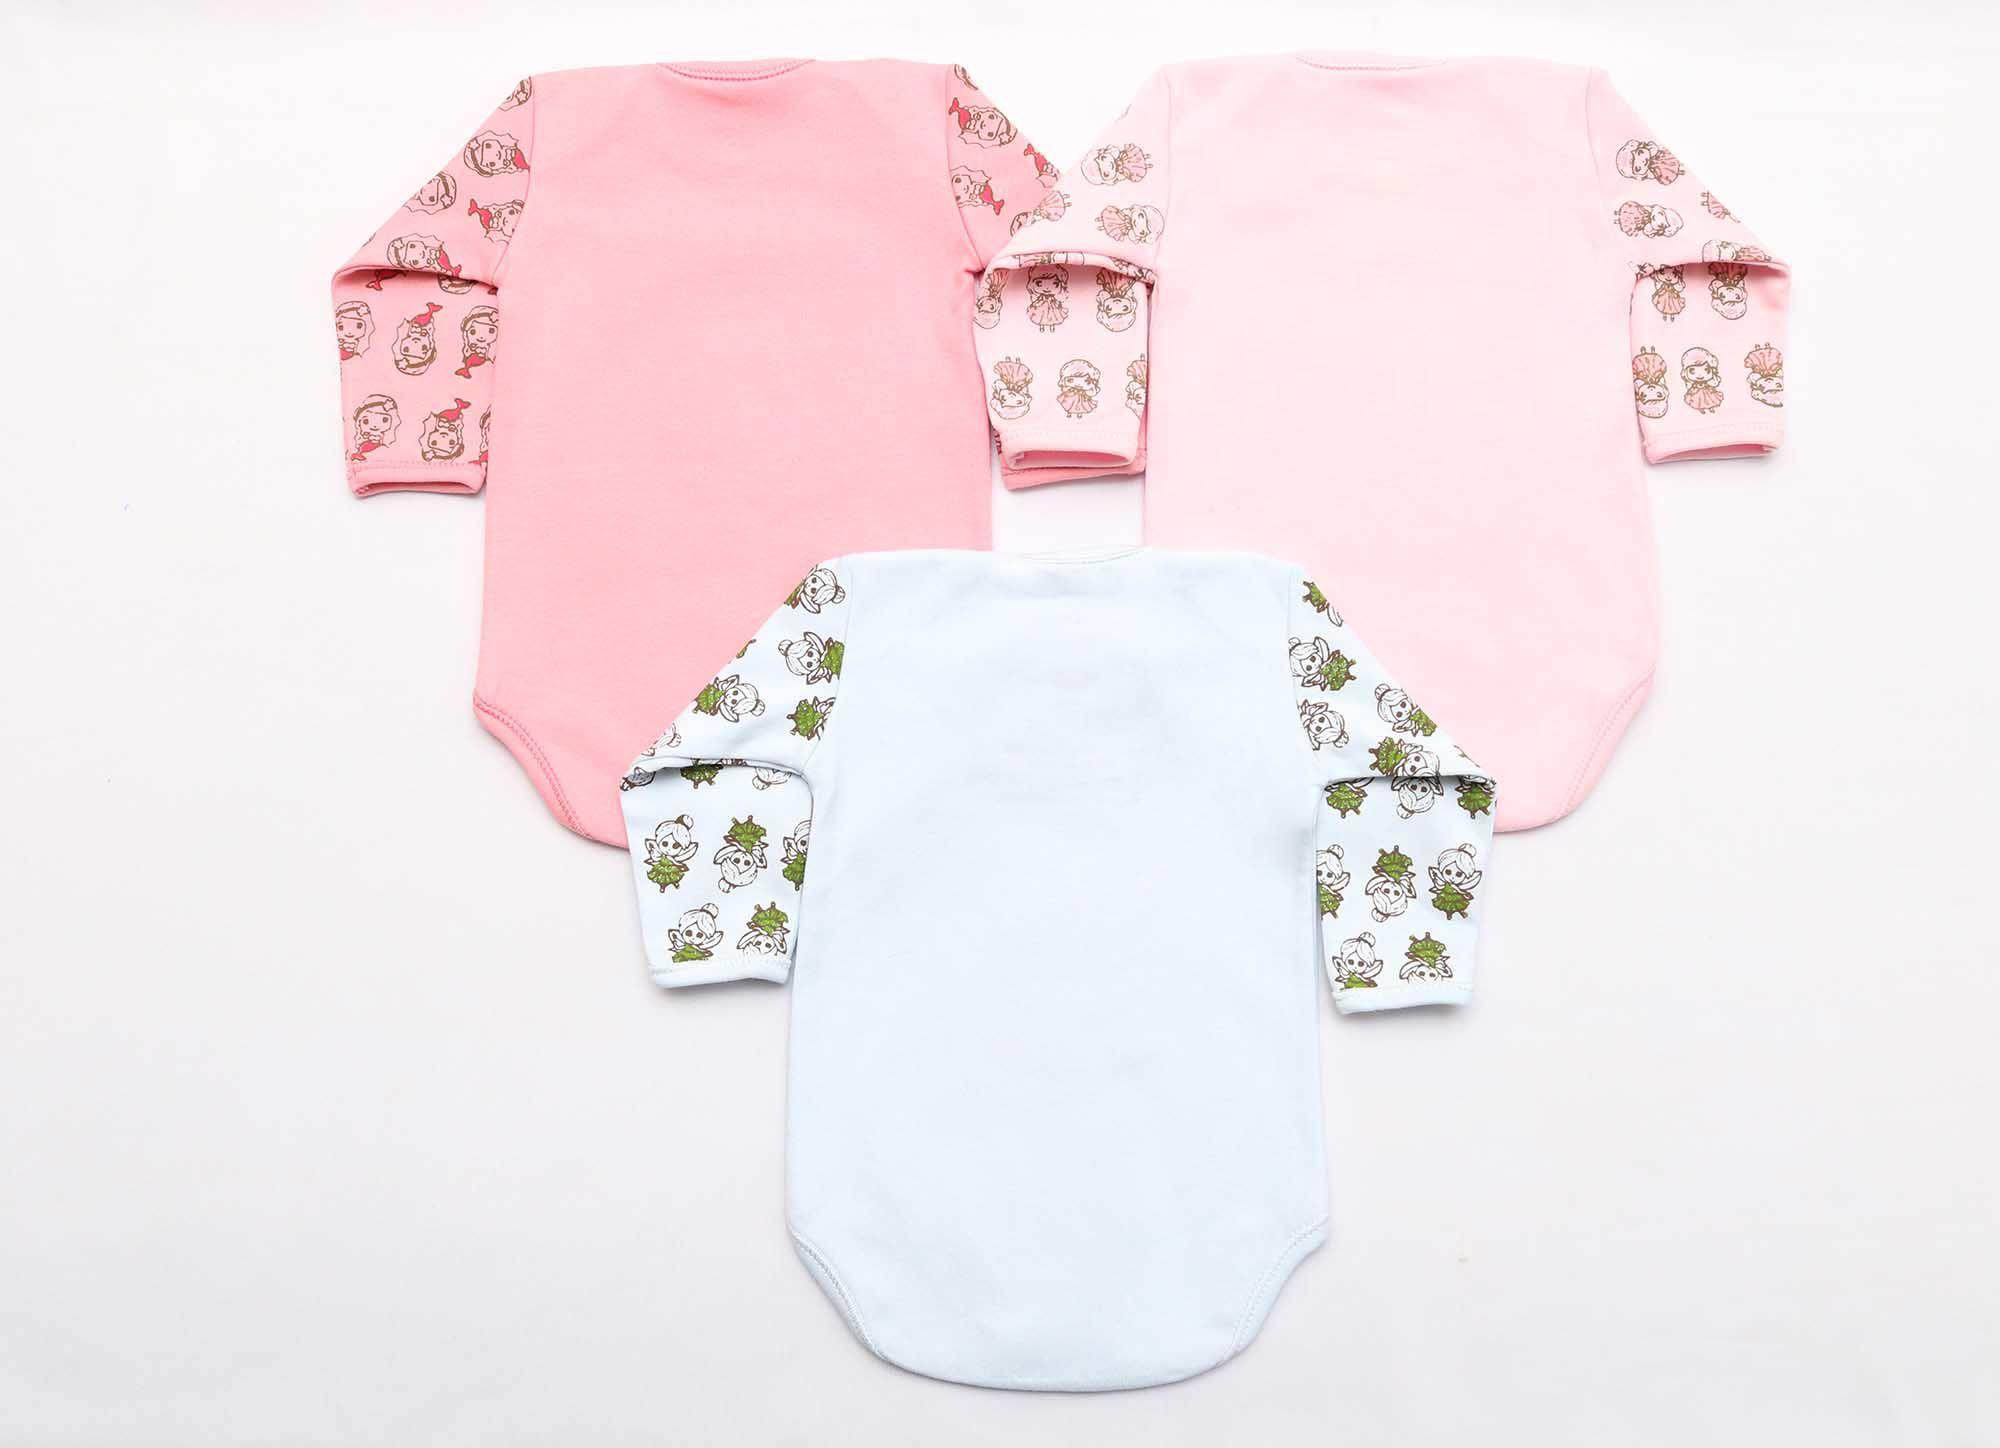 Kit Body Bebê 3 Peças Menina Rosa Bordado Conto de Fadas